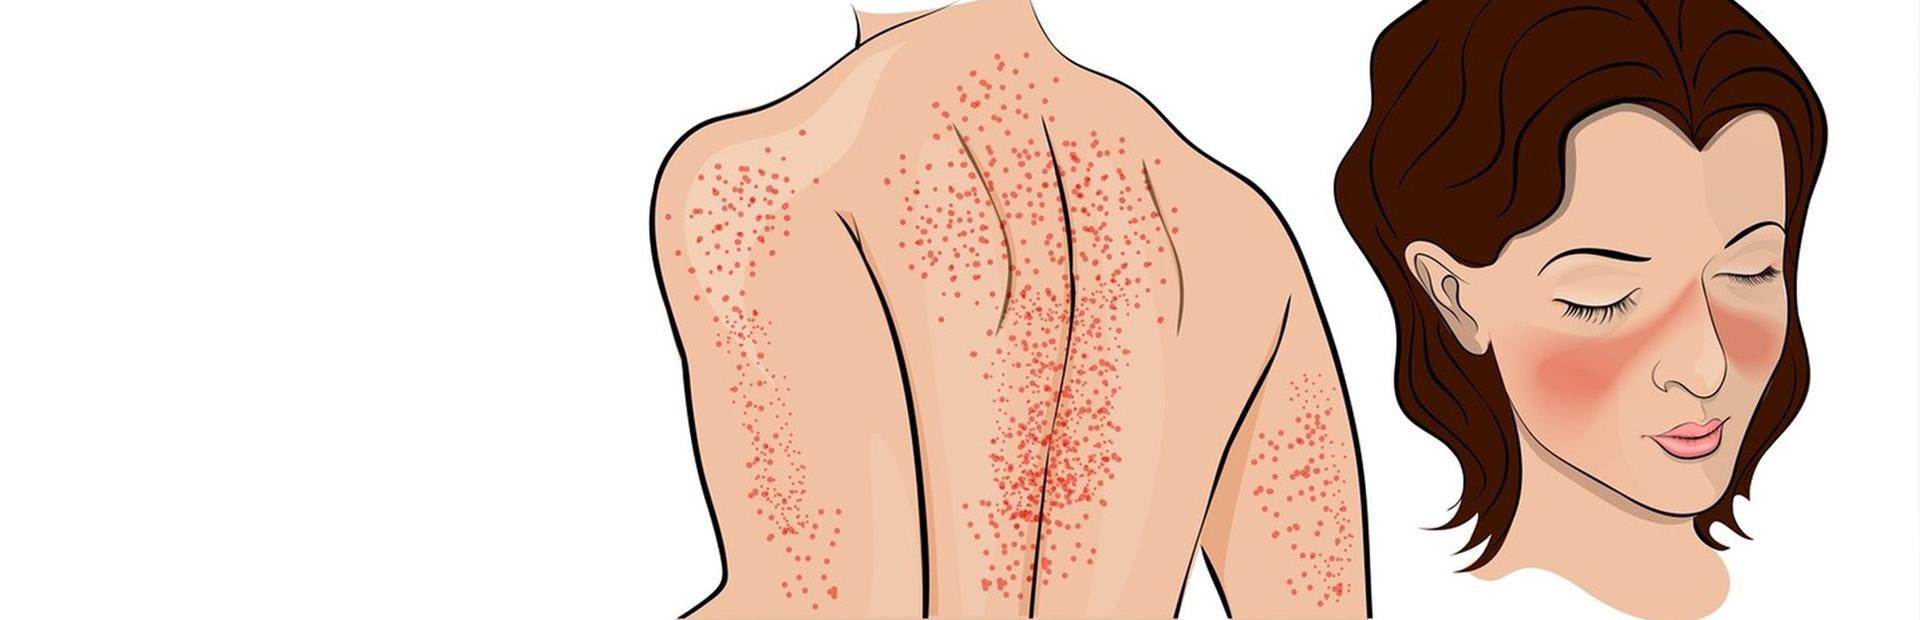 Аутоиммунные заболевания кожи